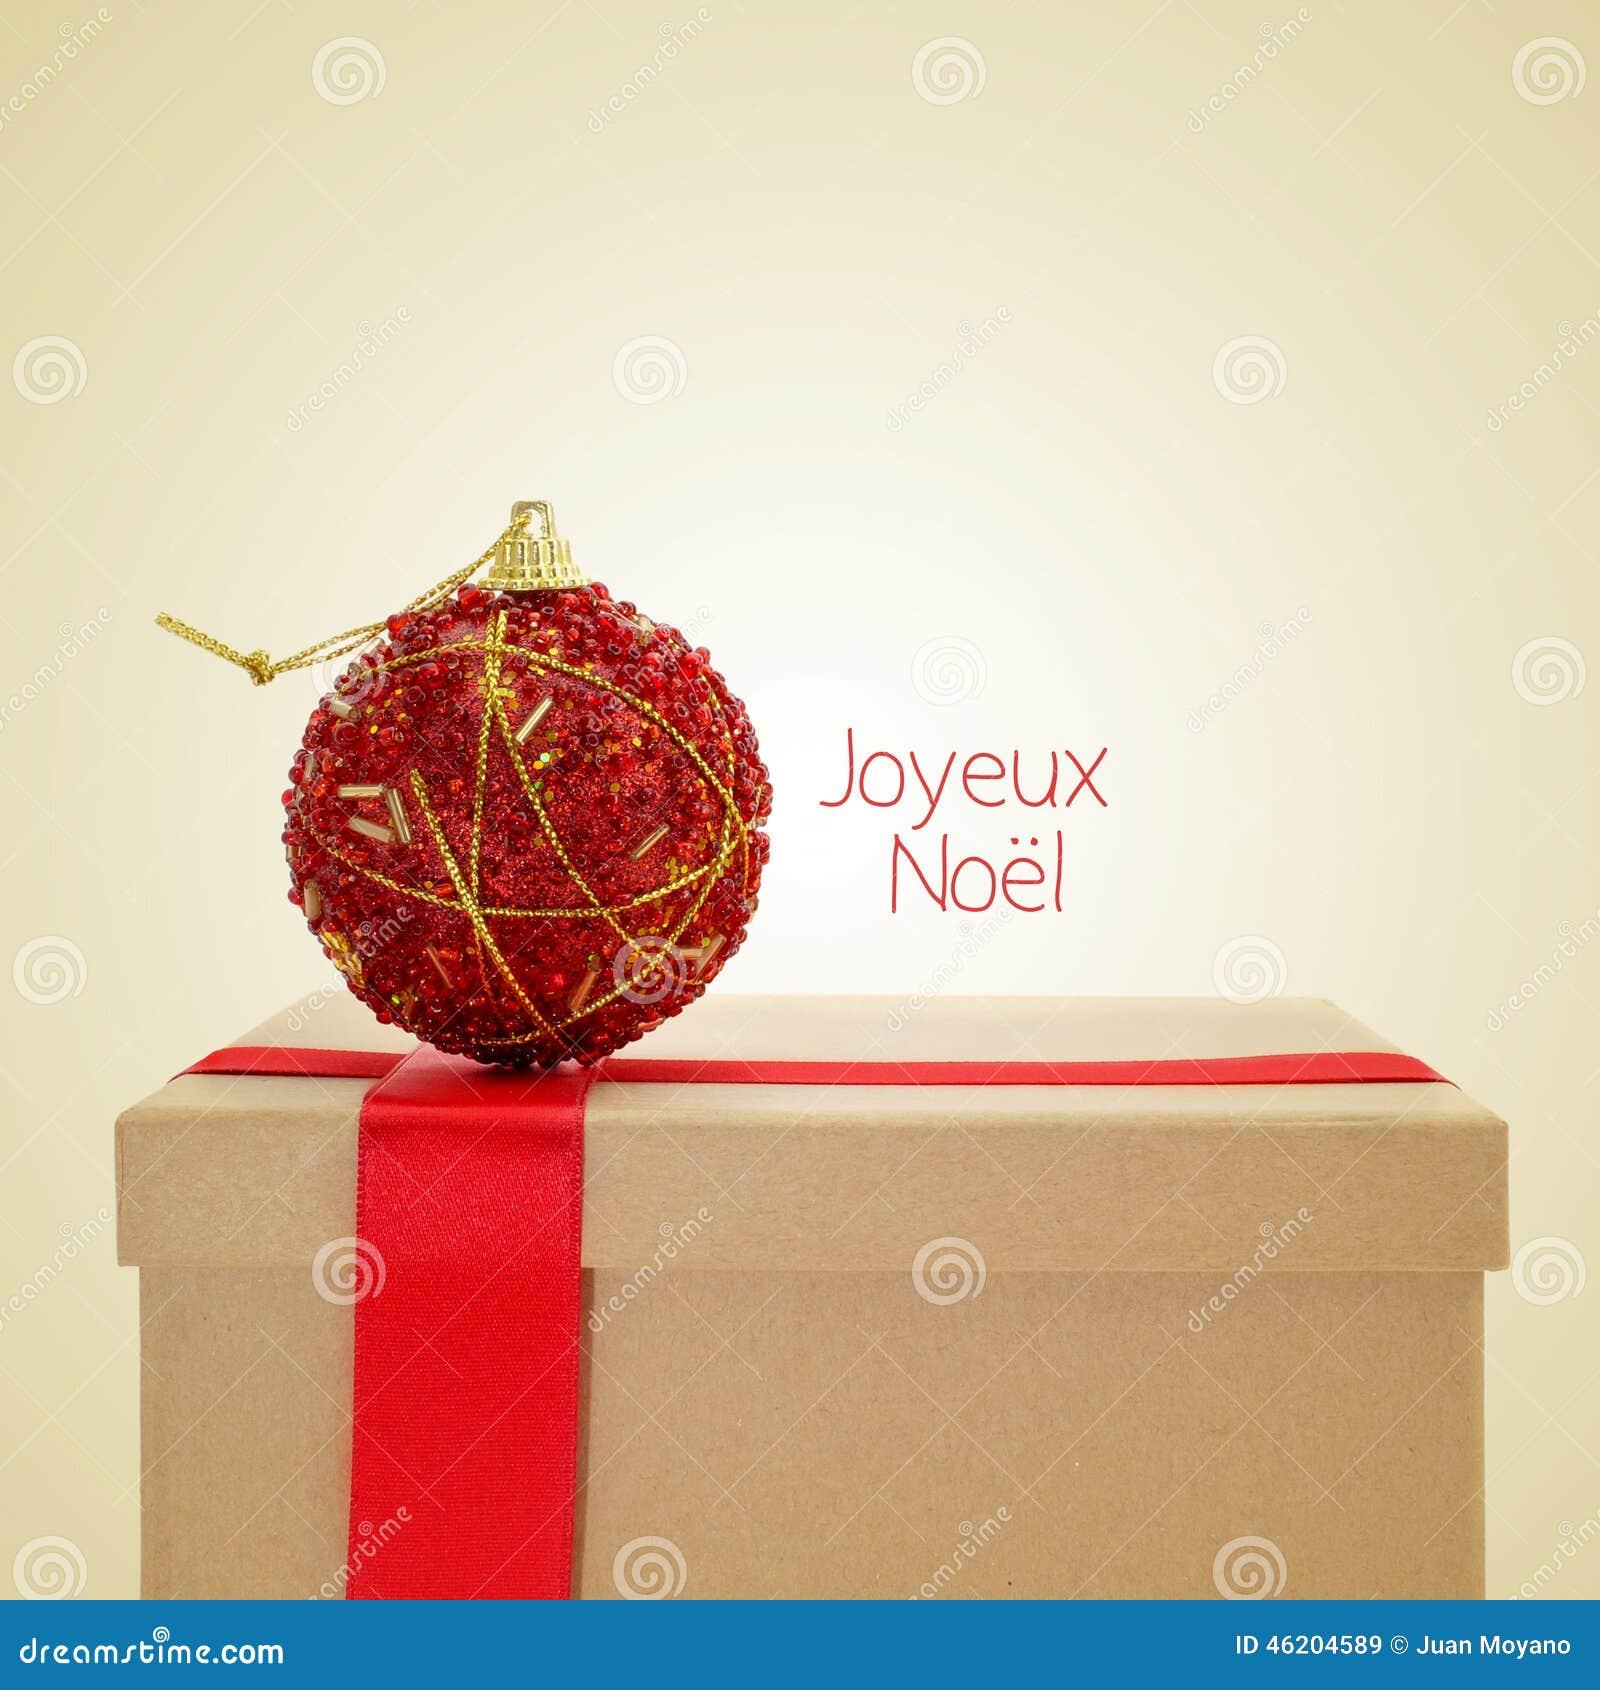 Noel De Joyeux Feliz Navidad En Francés Con Un Efecto